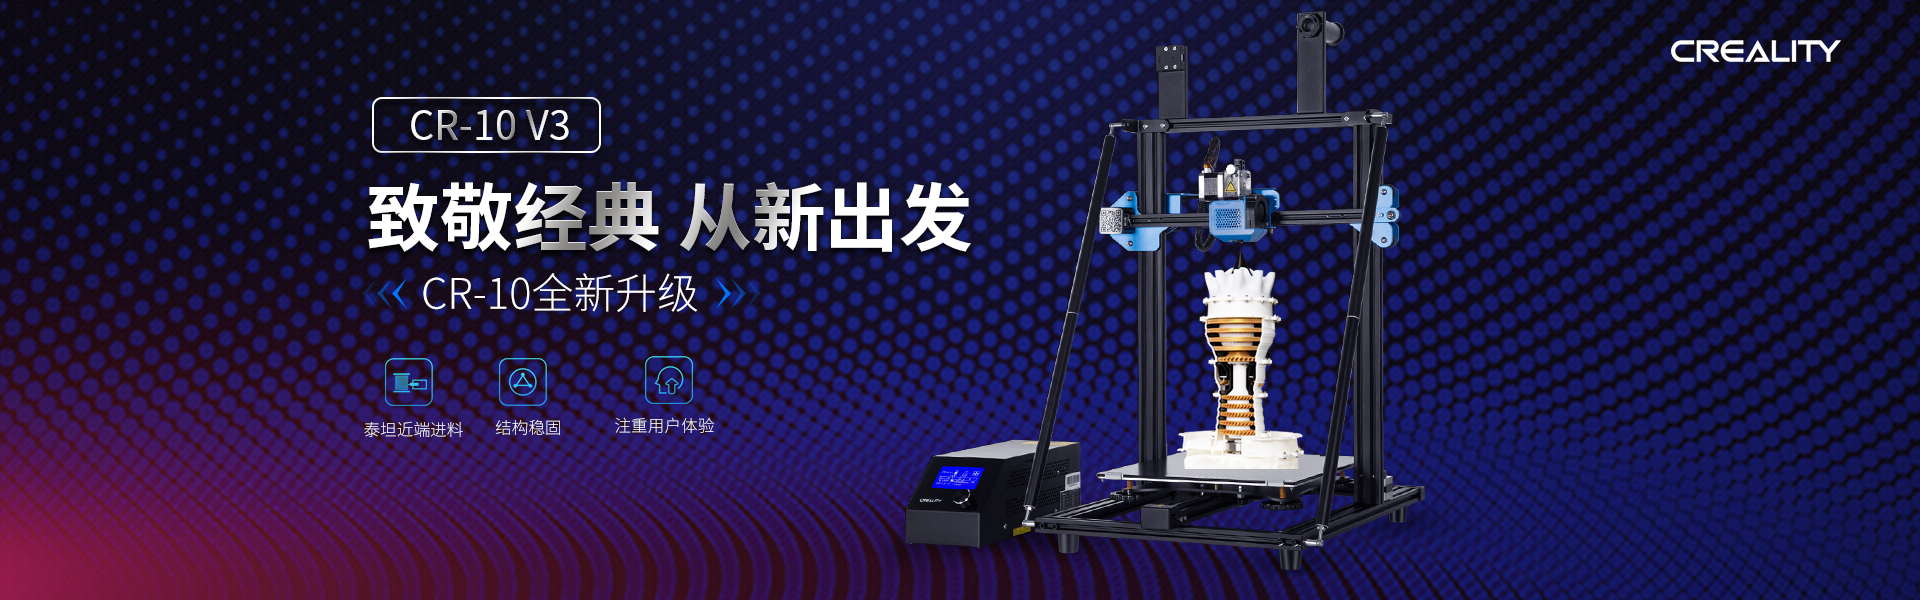 全新升级 | CR-10 V3 匠心品质 产品保障